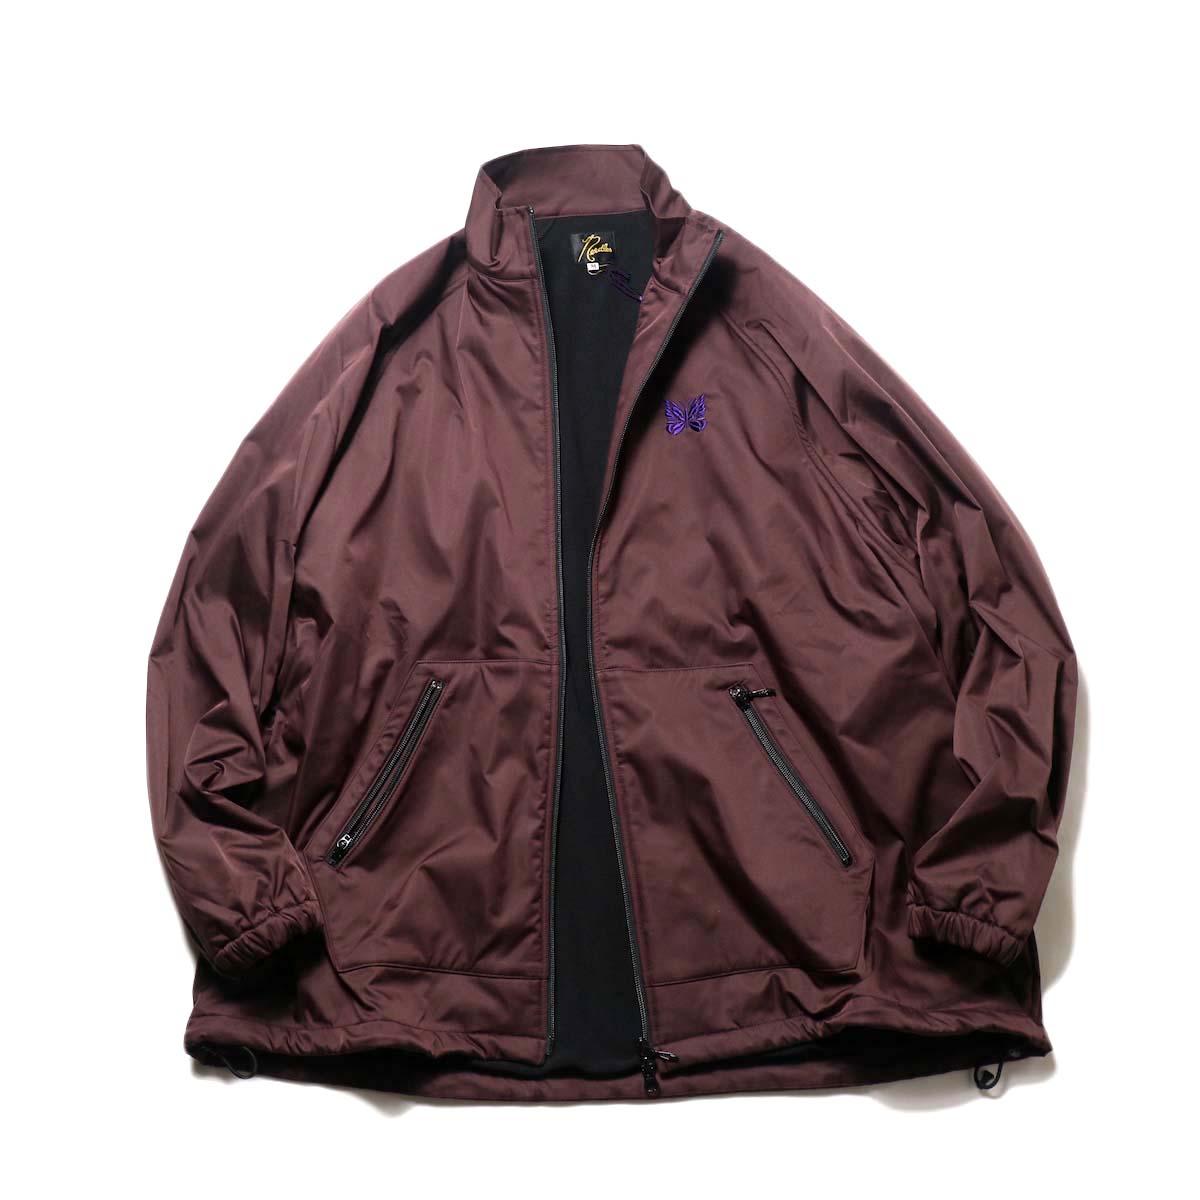 Needles / JOG Jacket - Poly Taffeta (Bordeaux)